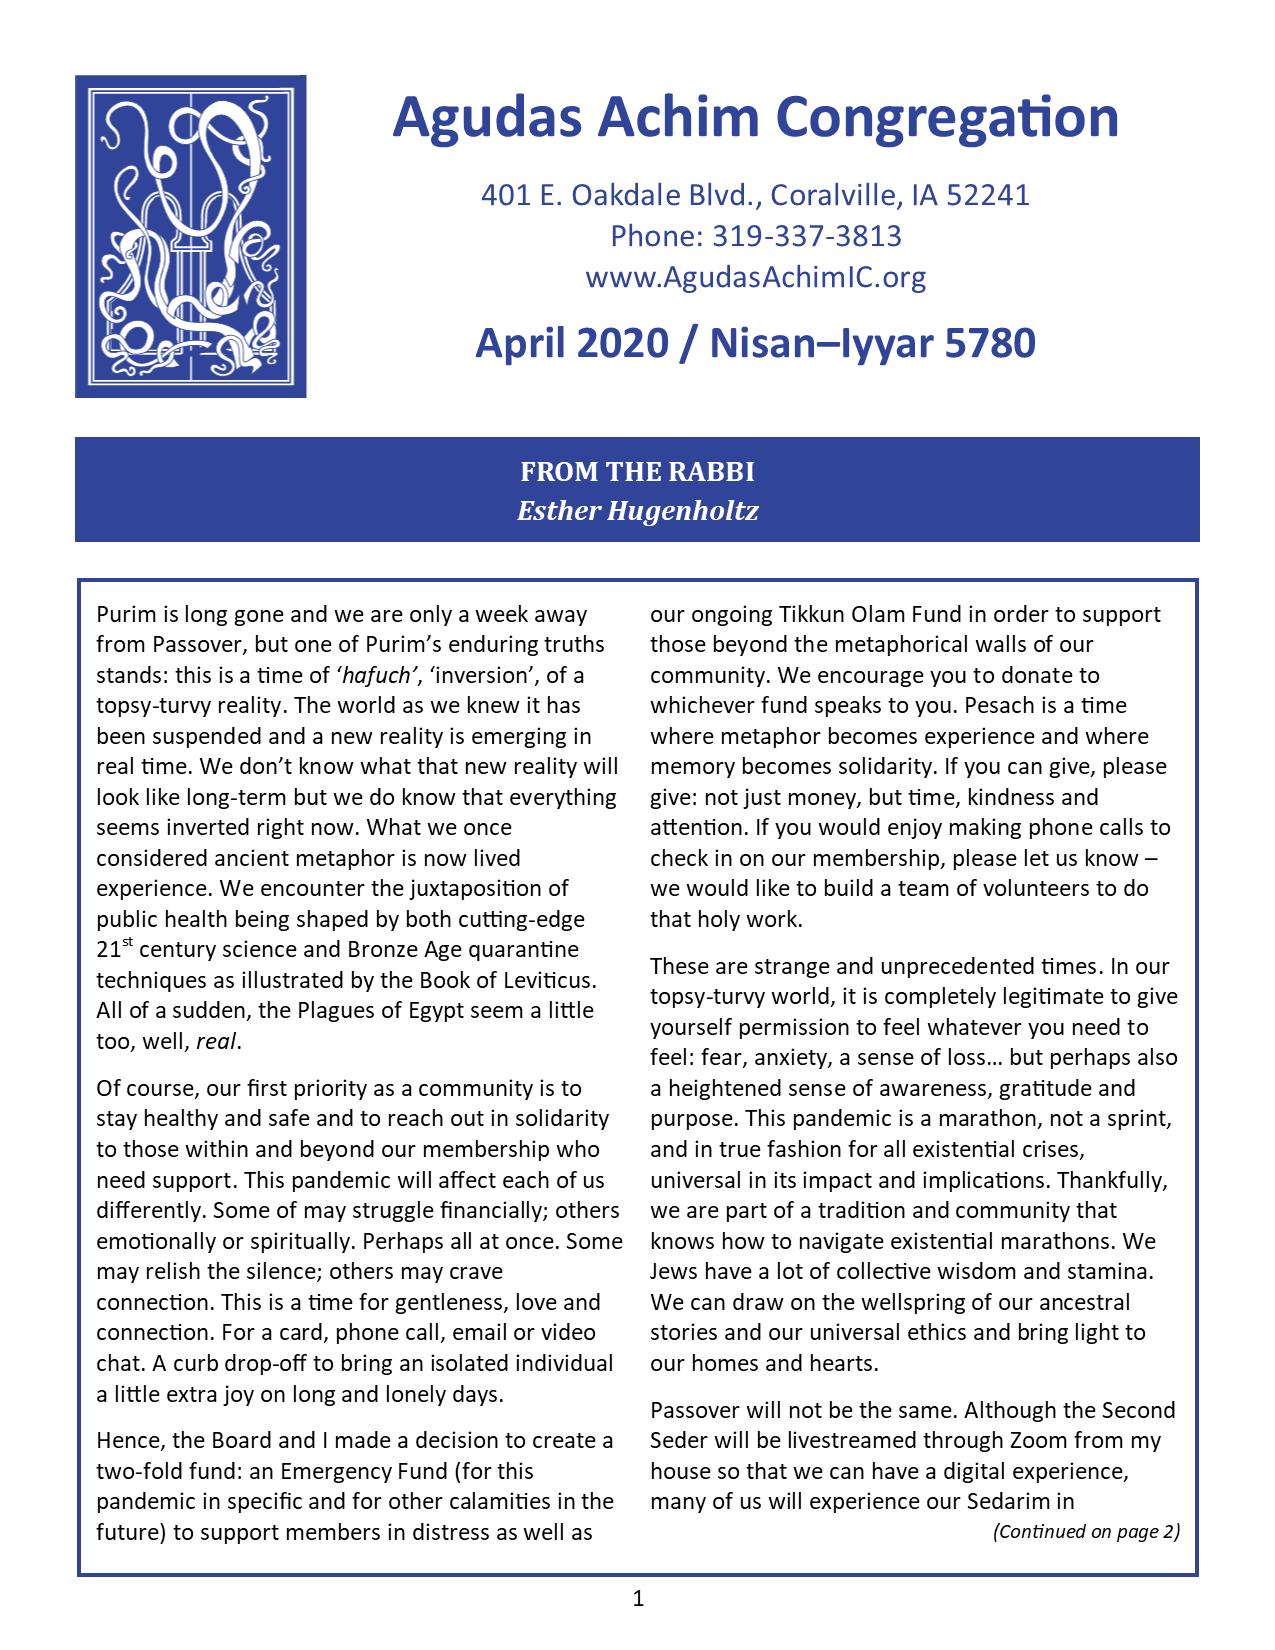 April 2020 Bulletin